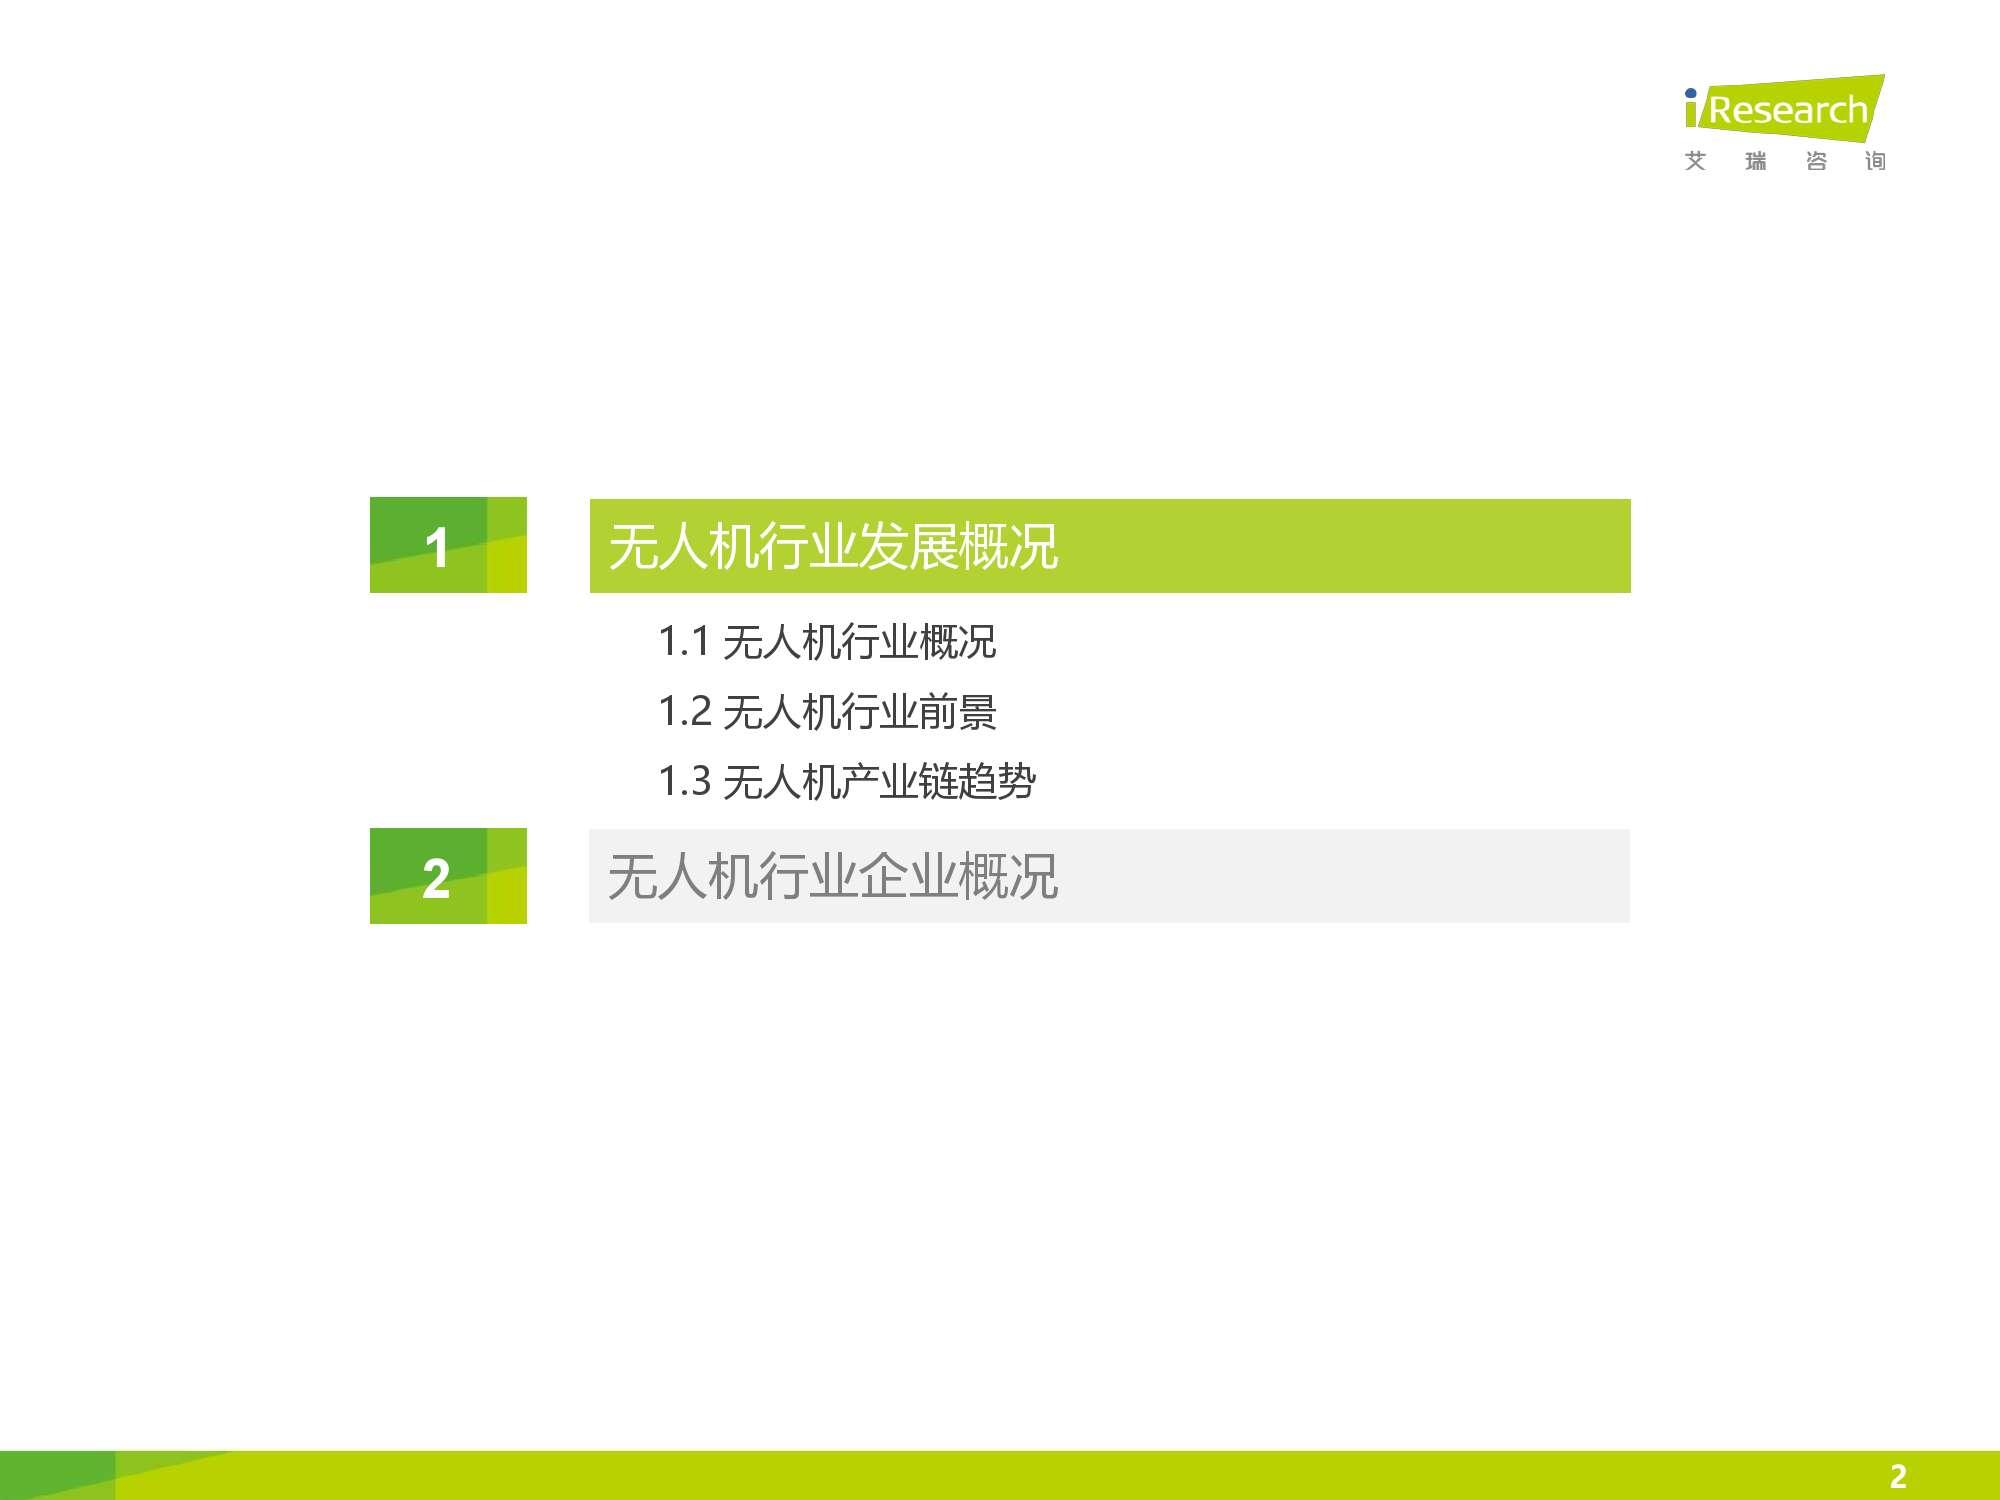 2016年中国无人机行业研究报告简版_000002